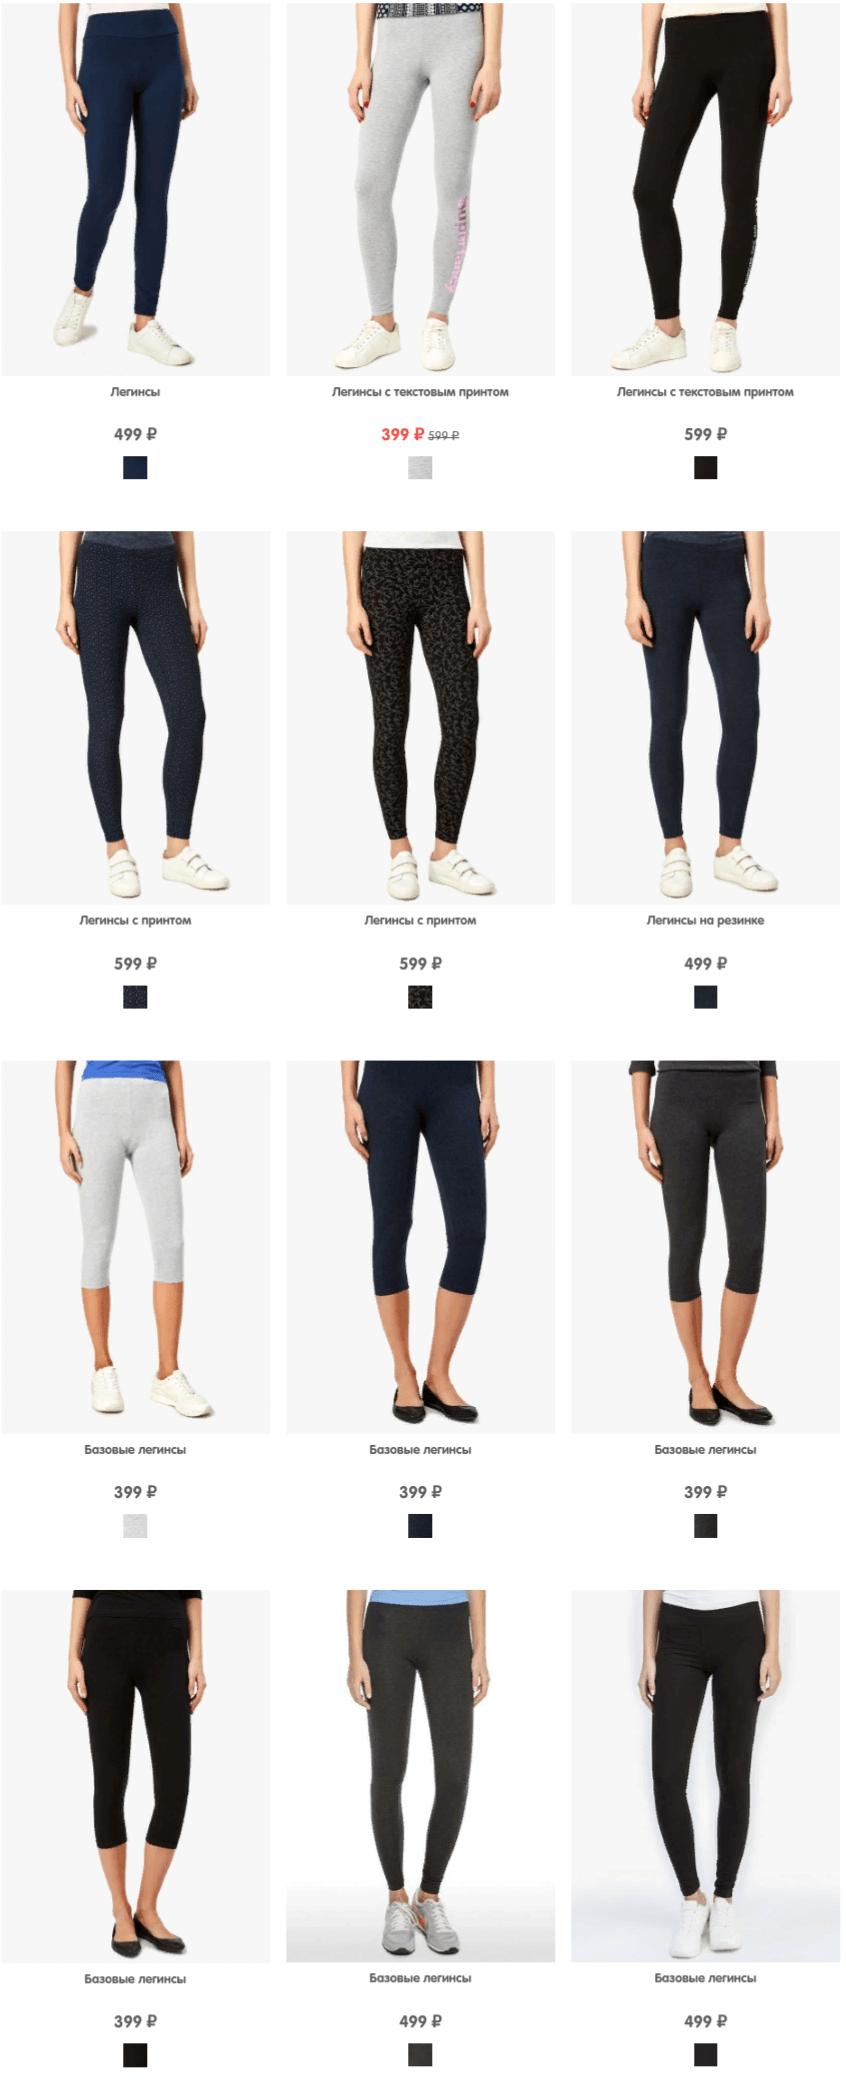 Купить Женские леггинсы в интернет-магазине одежды Funday shop